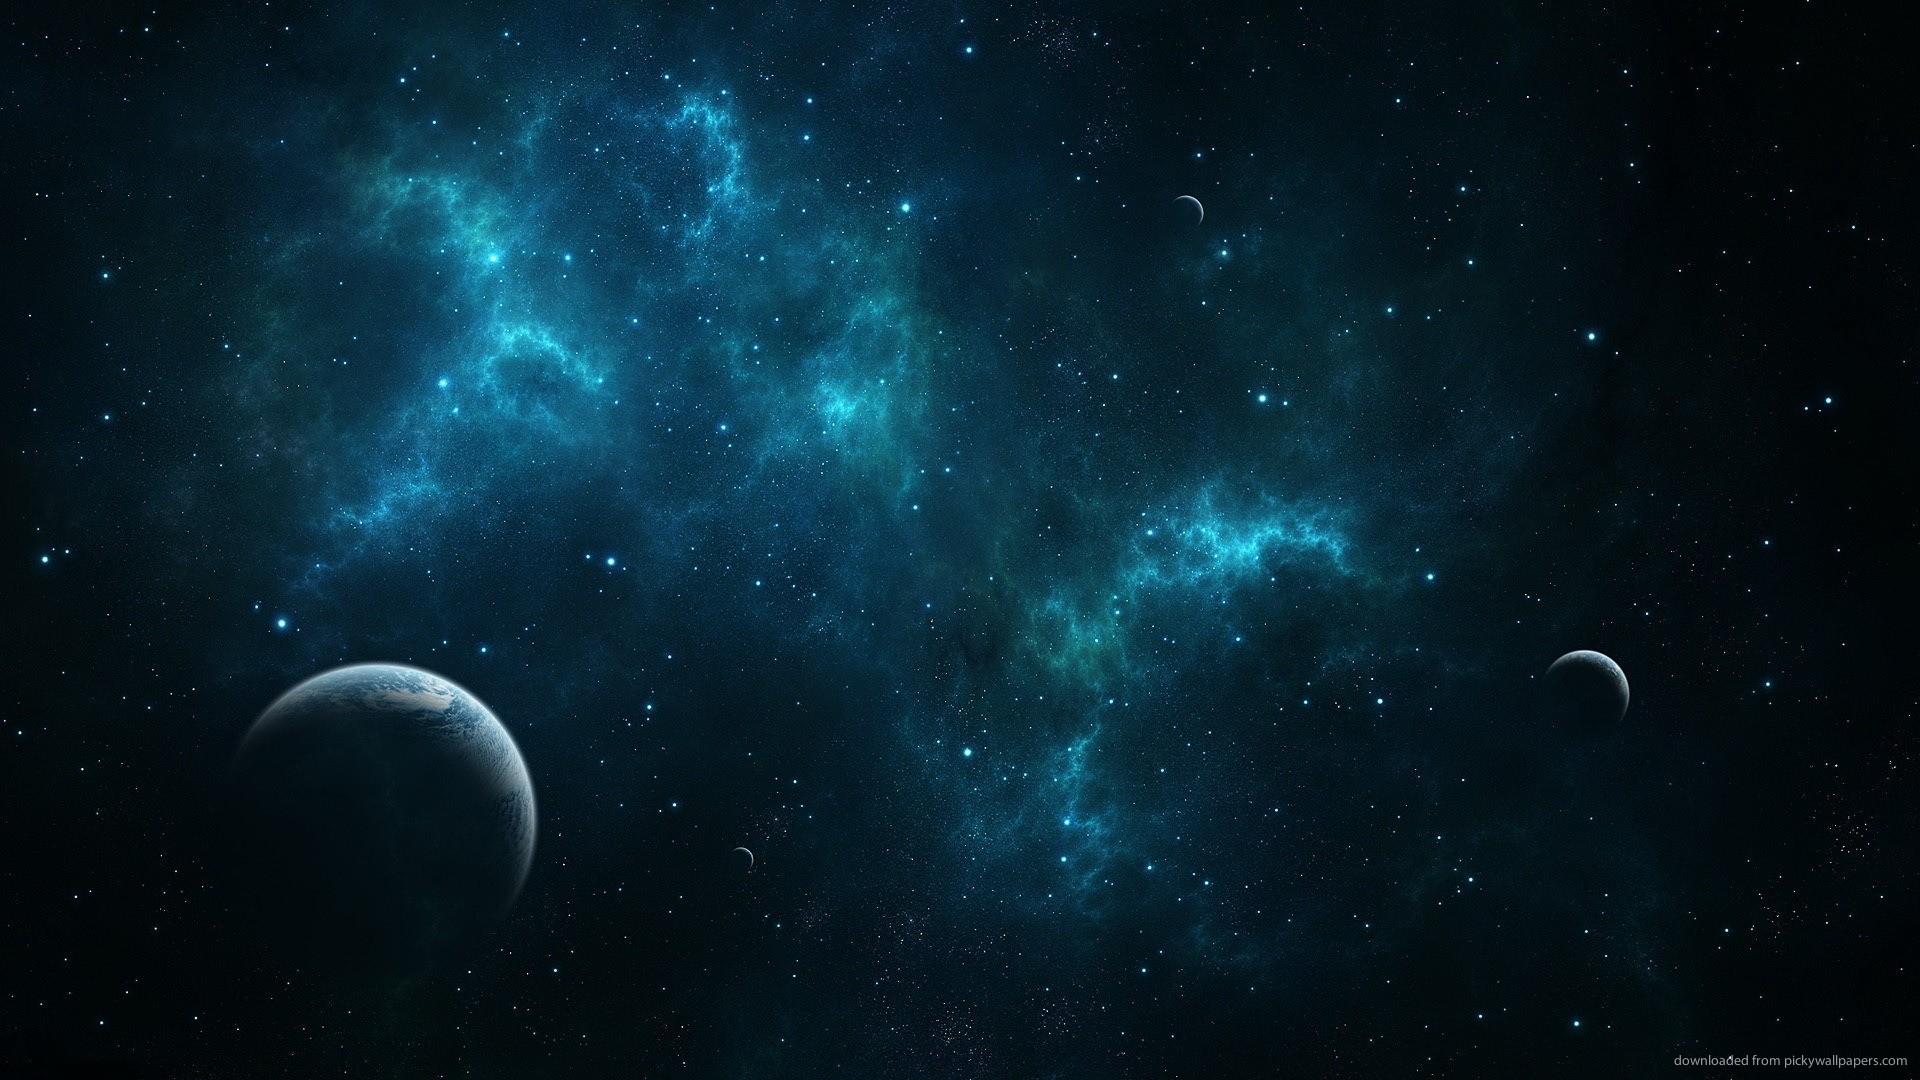 HD Deep Blue Space Wallpaper 1920x1080